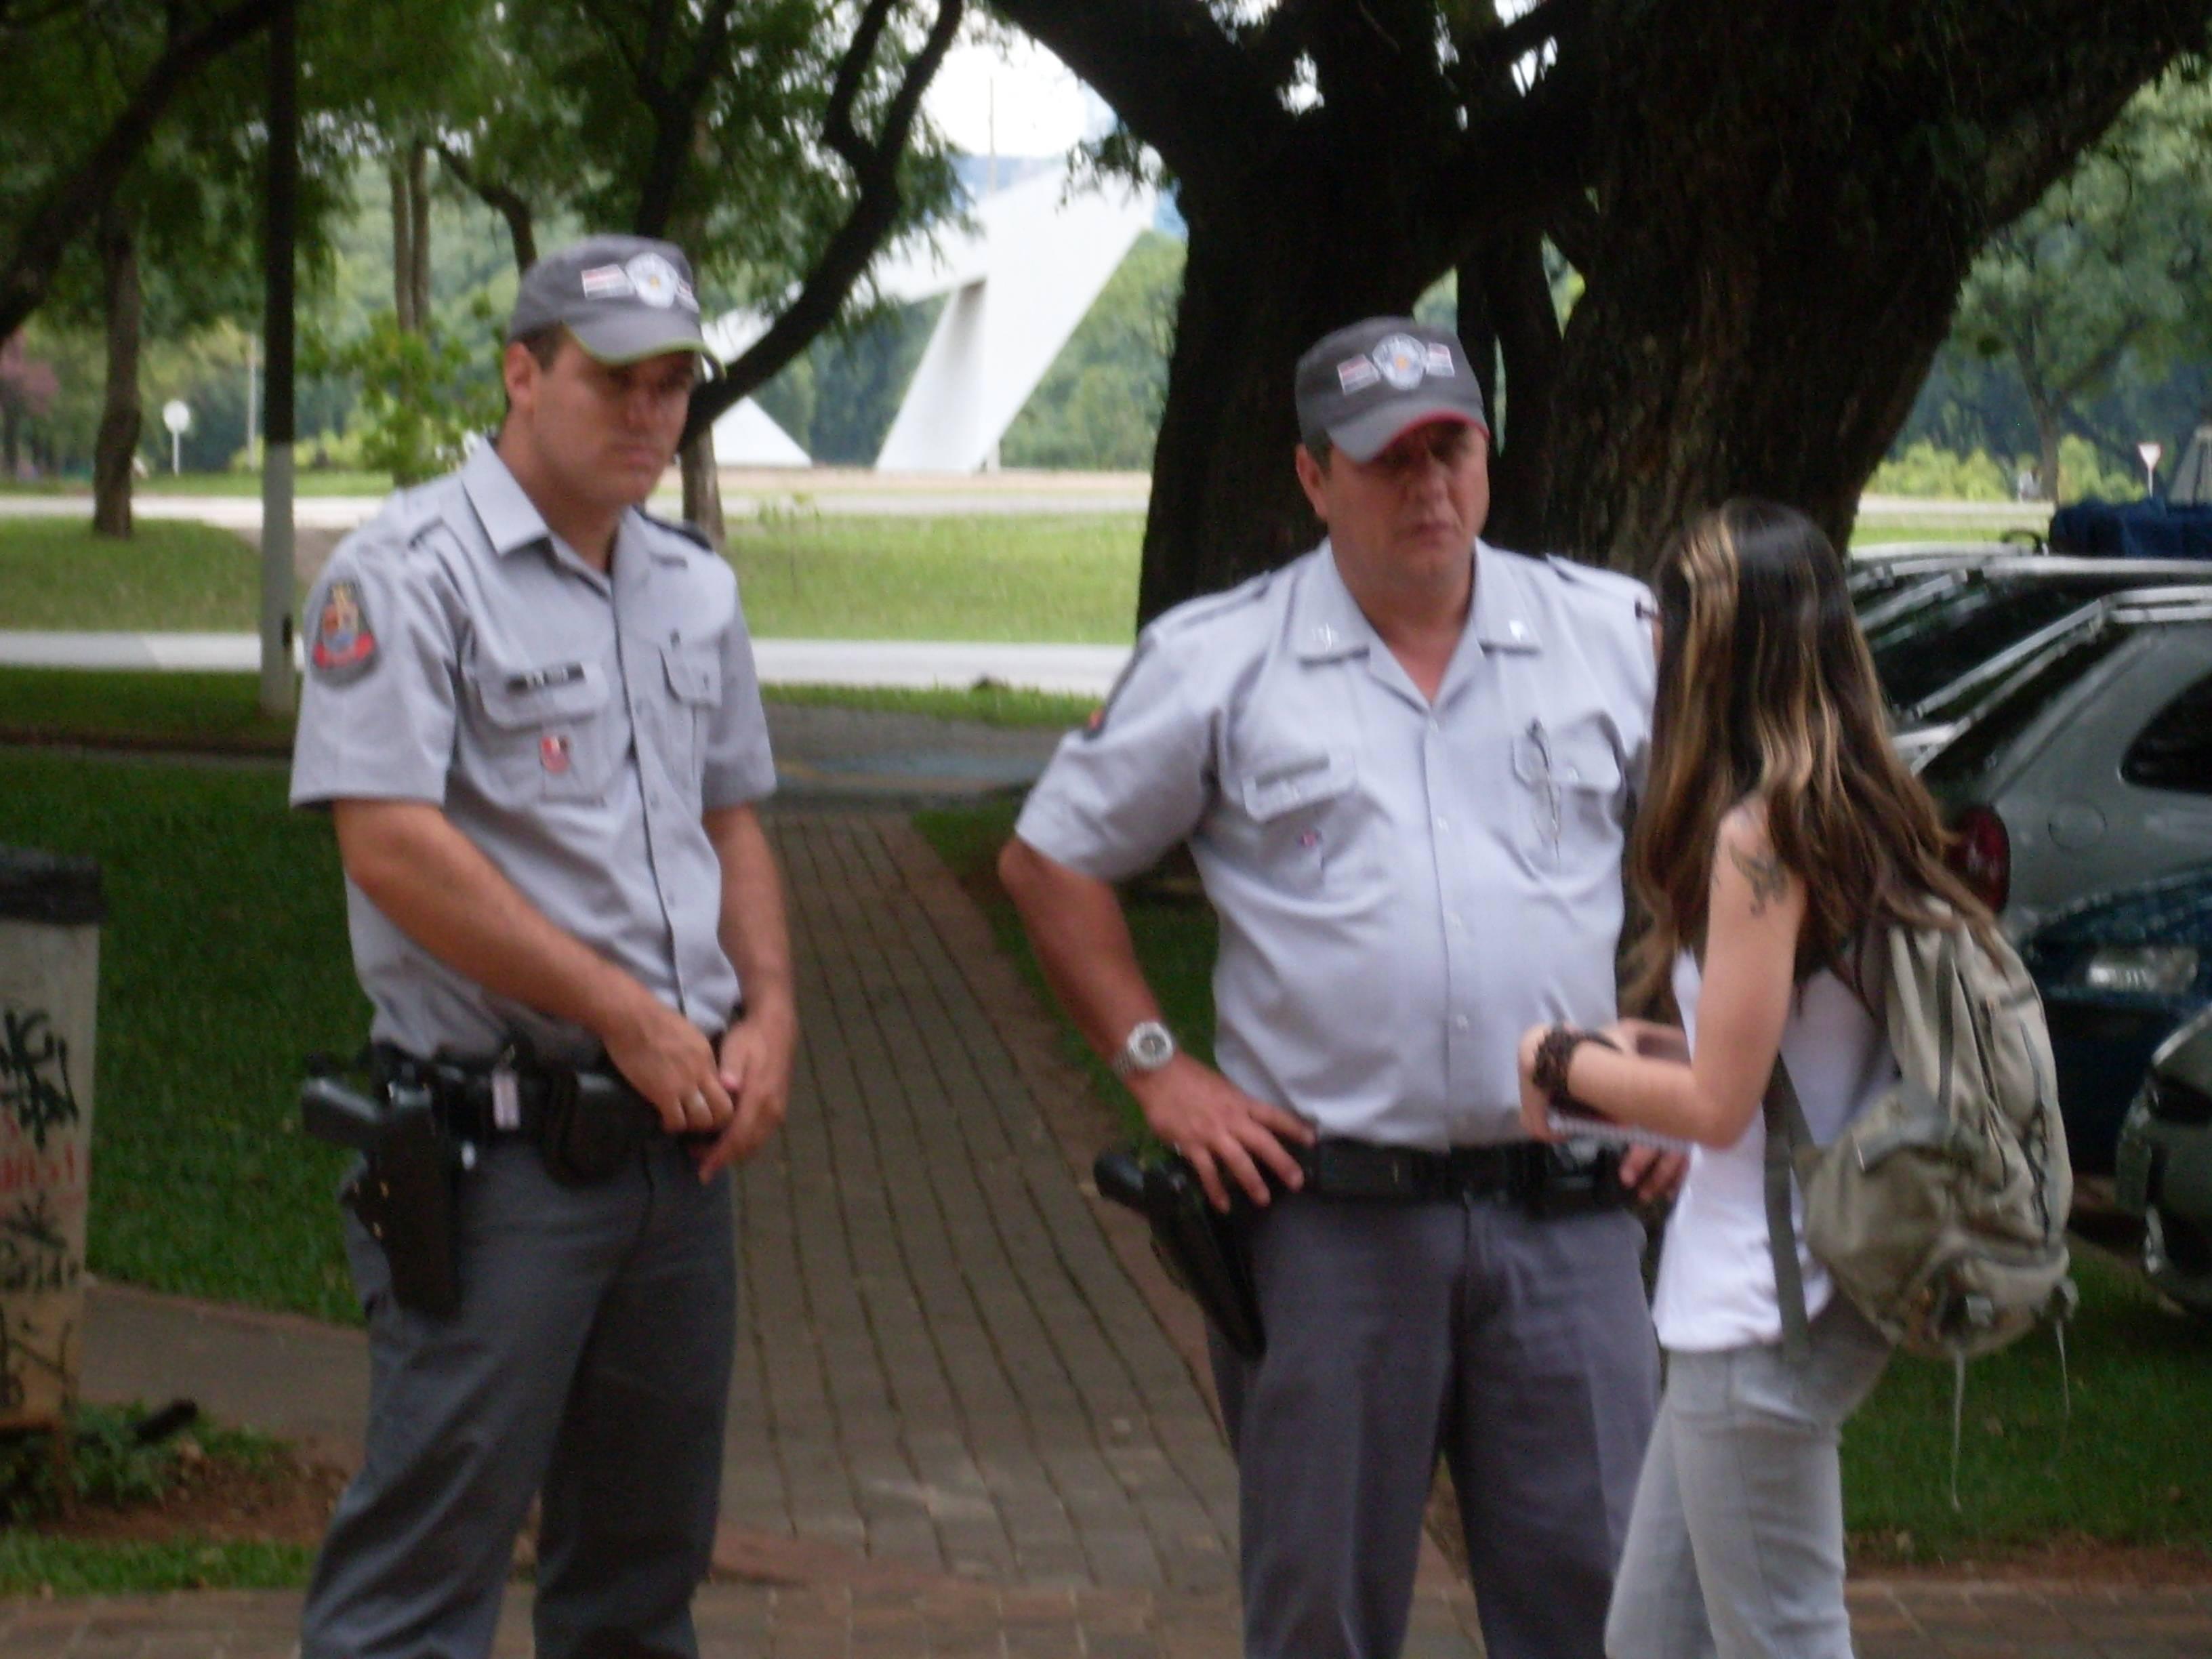 PM afasta policial racista que agrediu aluno na USP